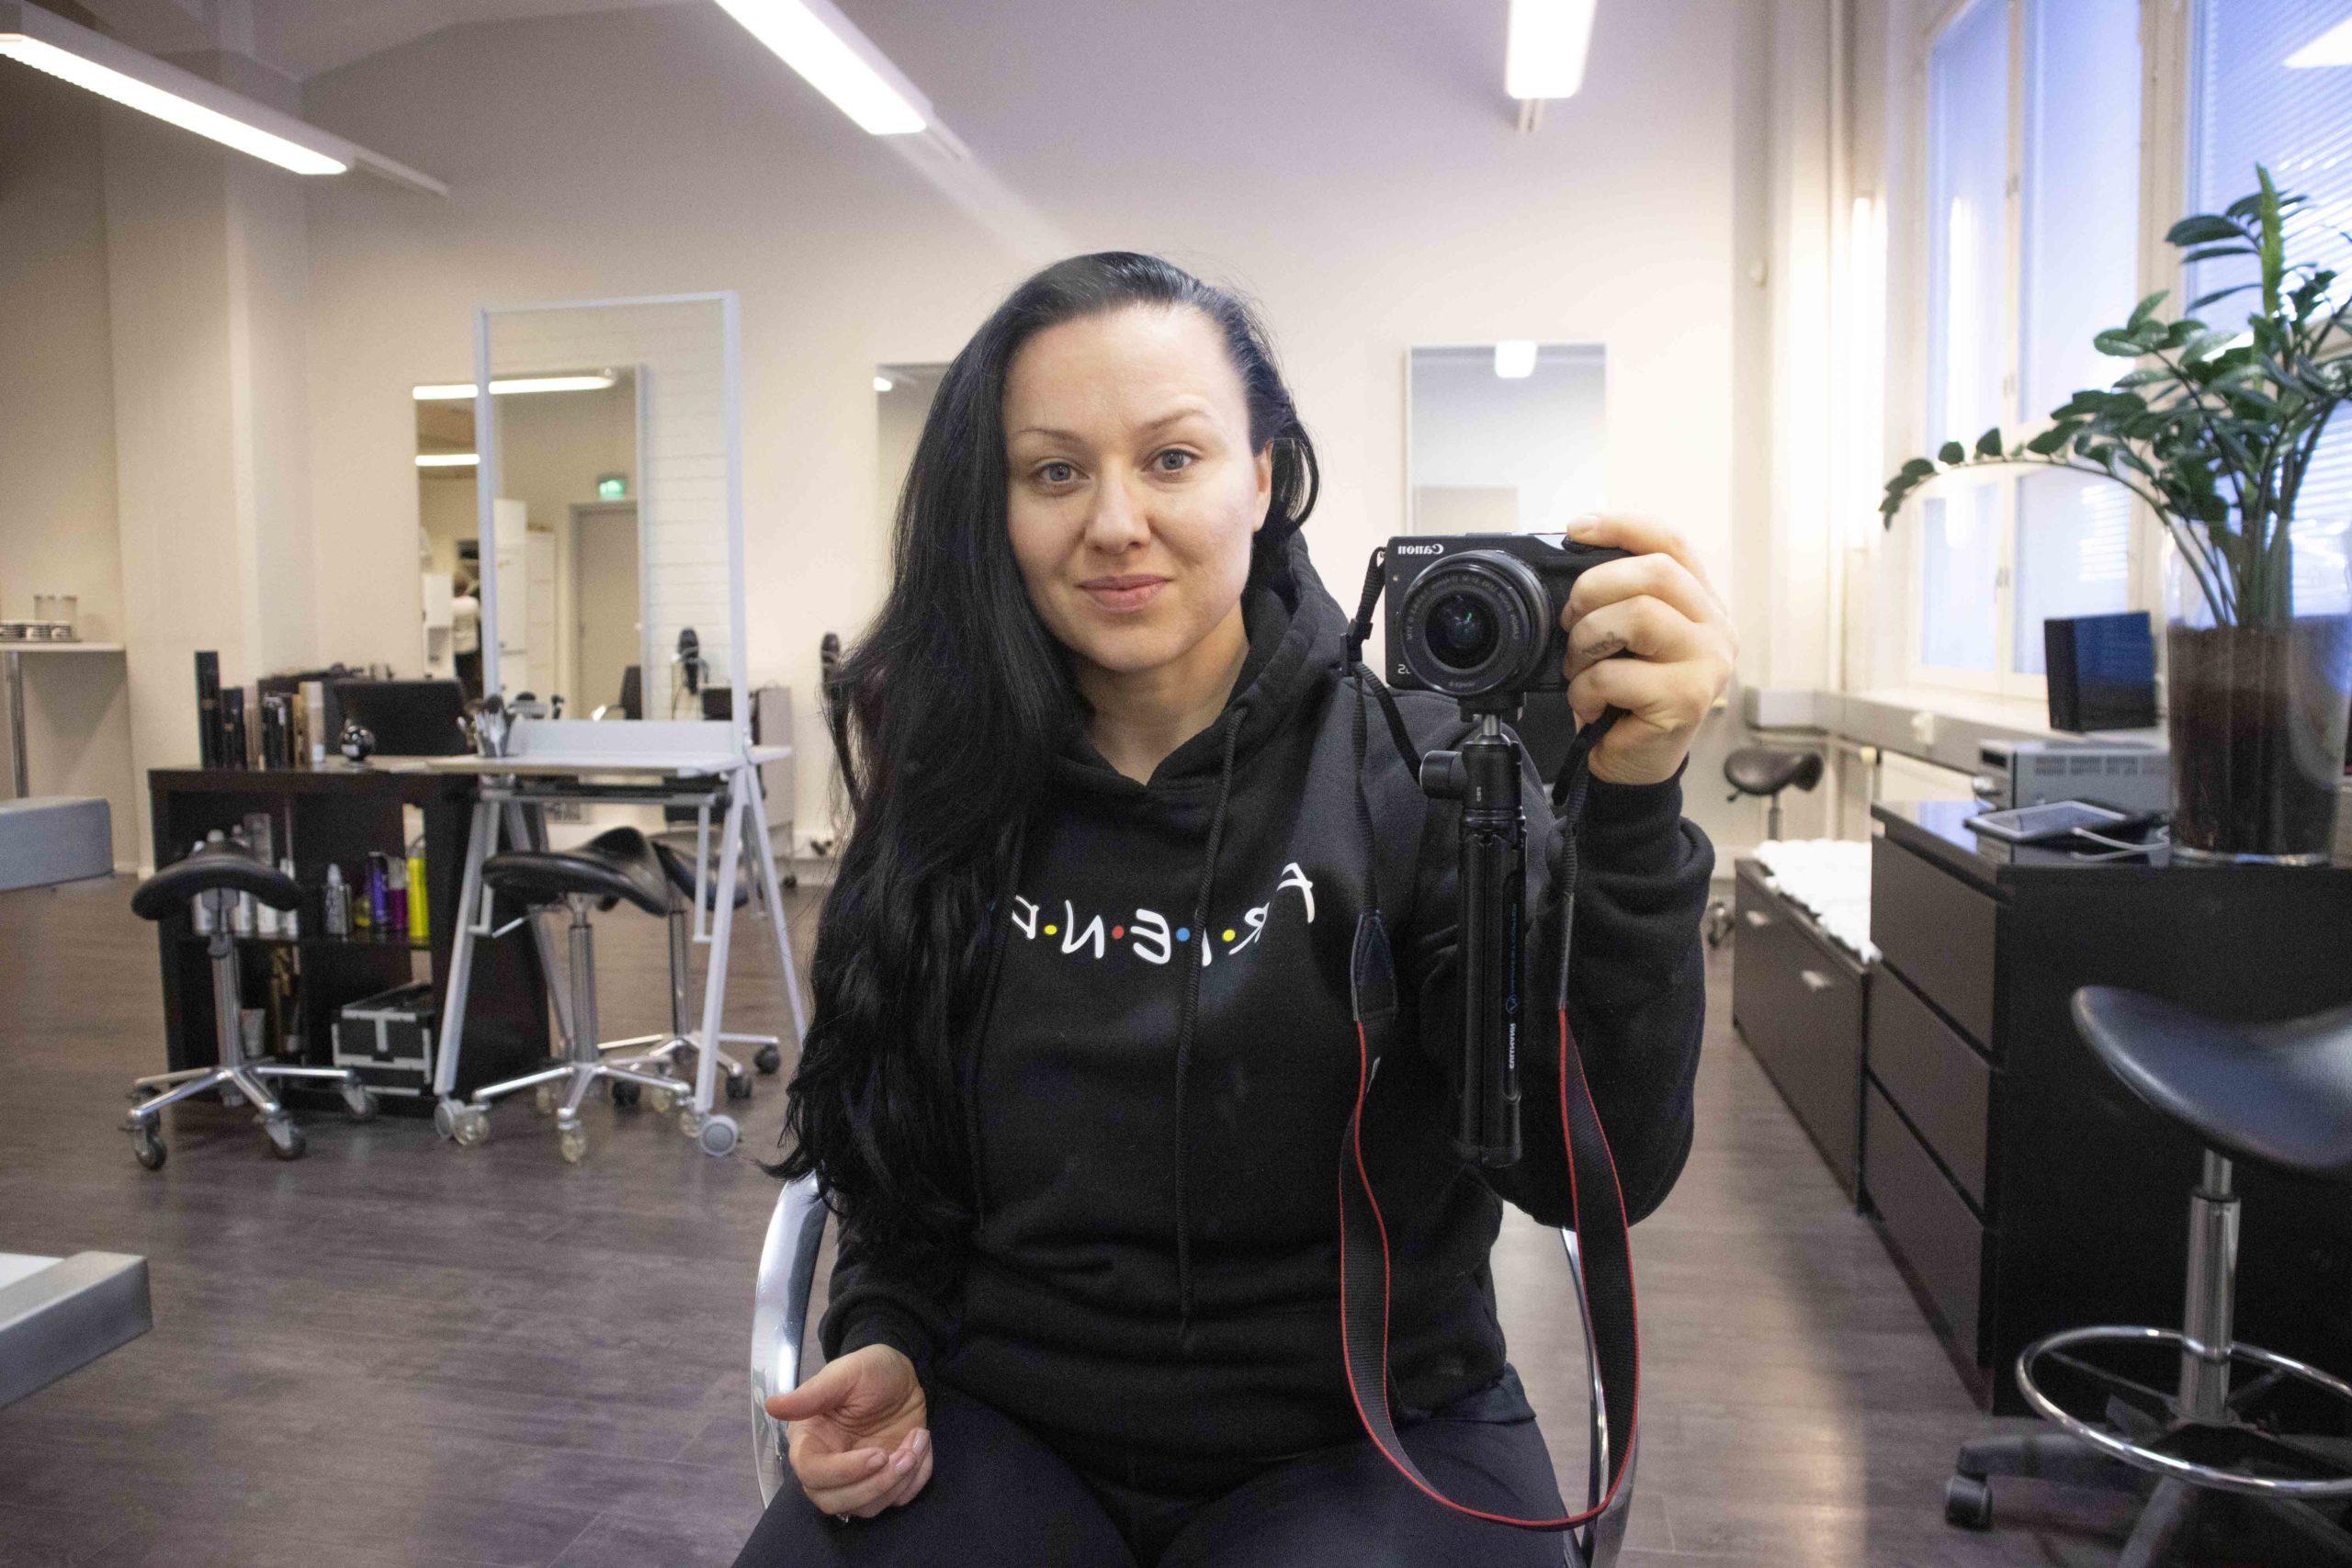 salon da costa kampaaja hiustenvärjäys